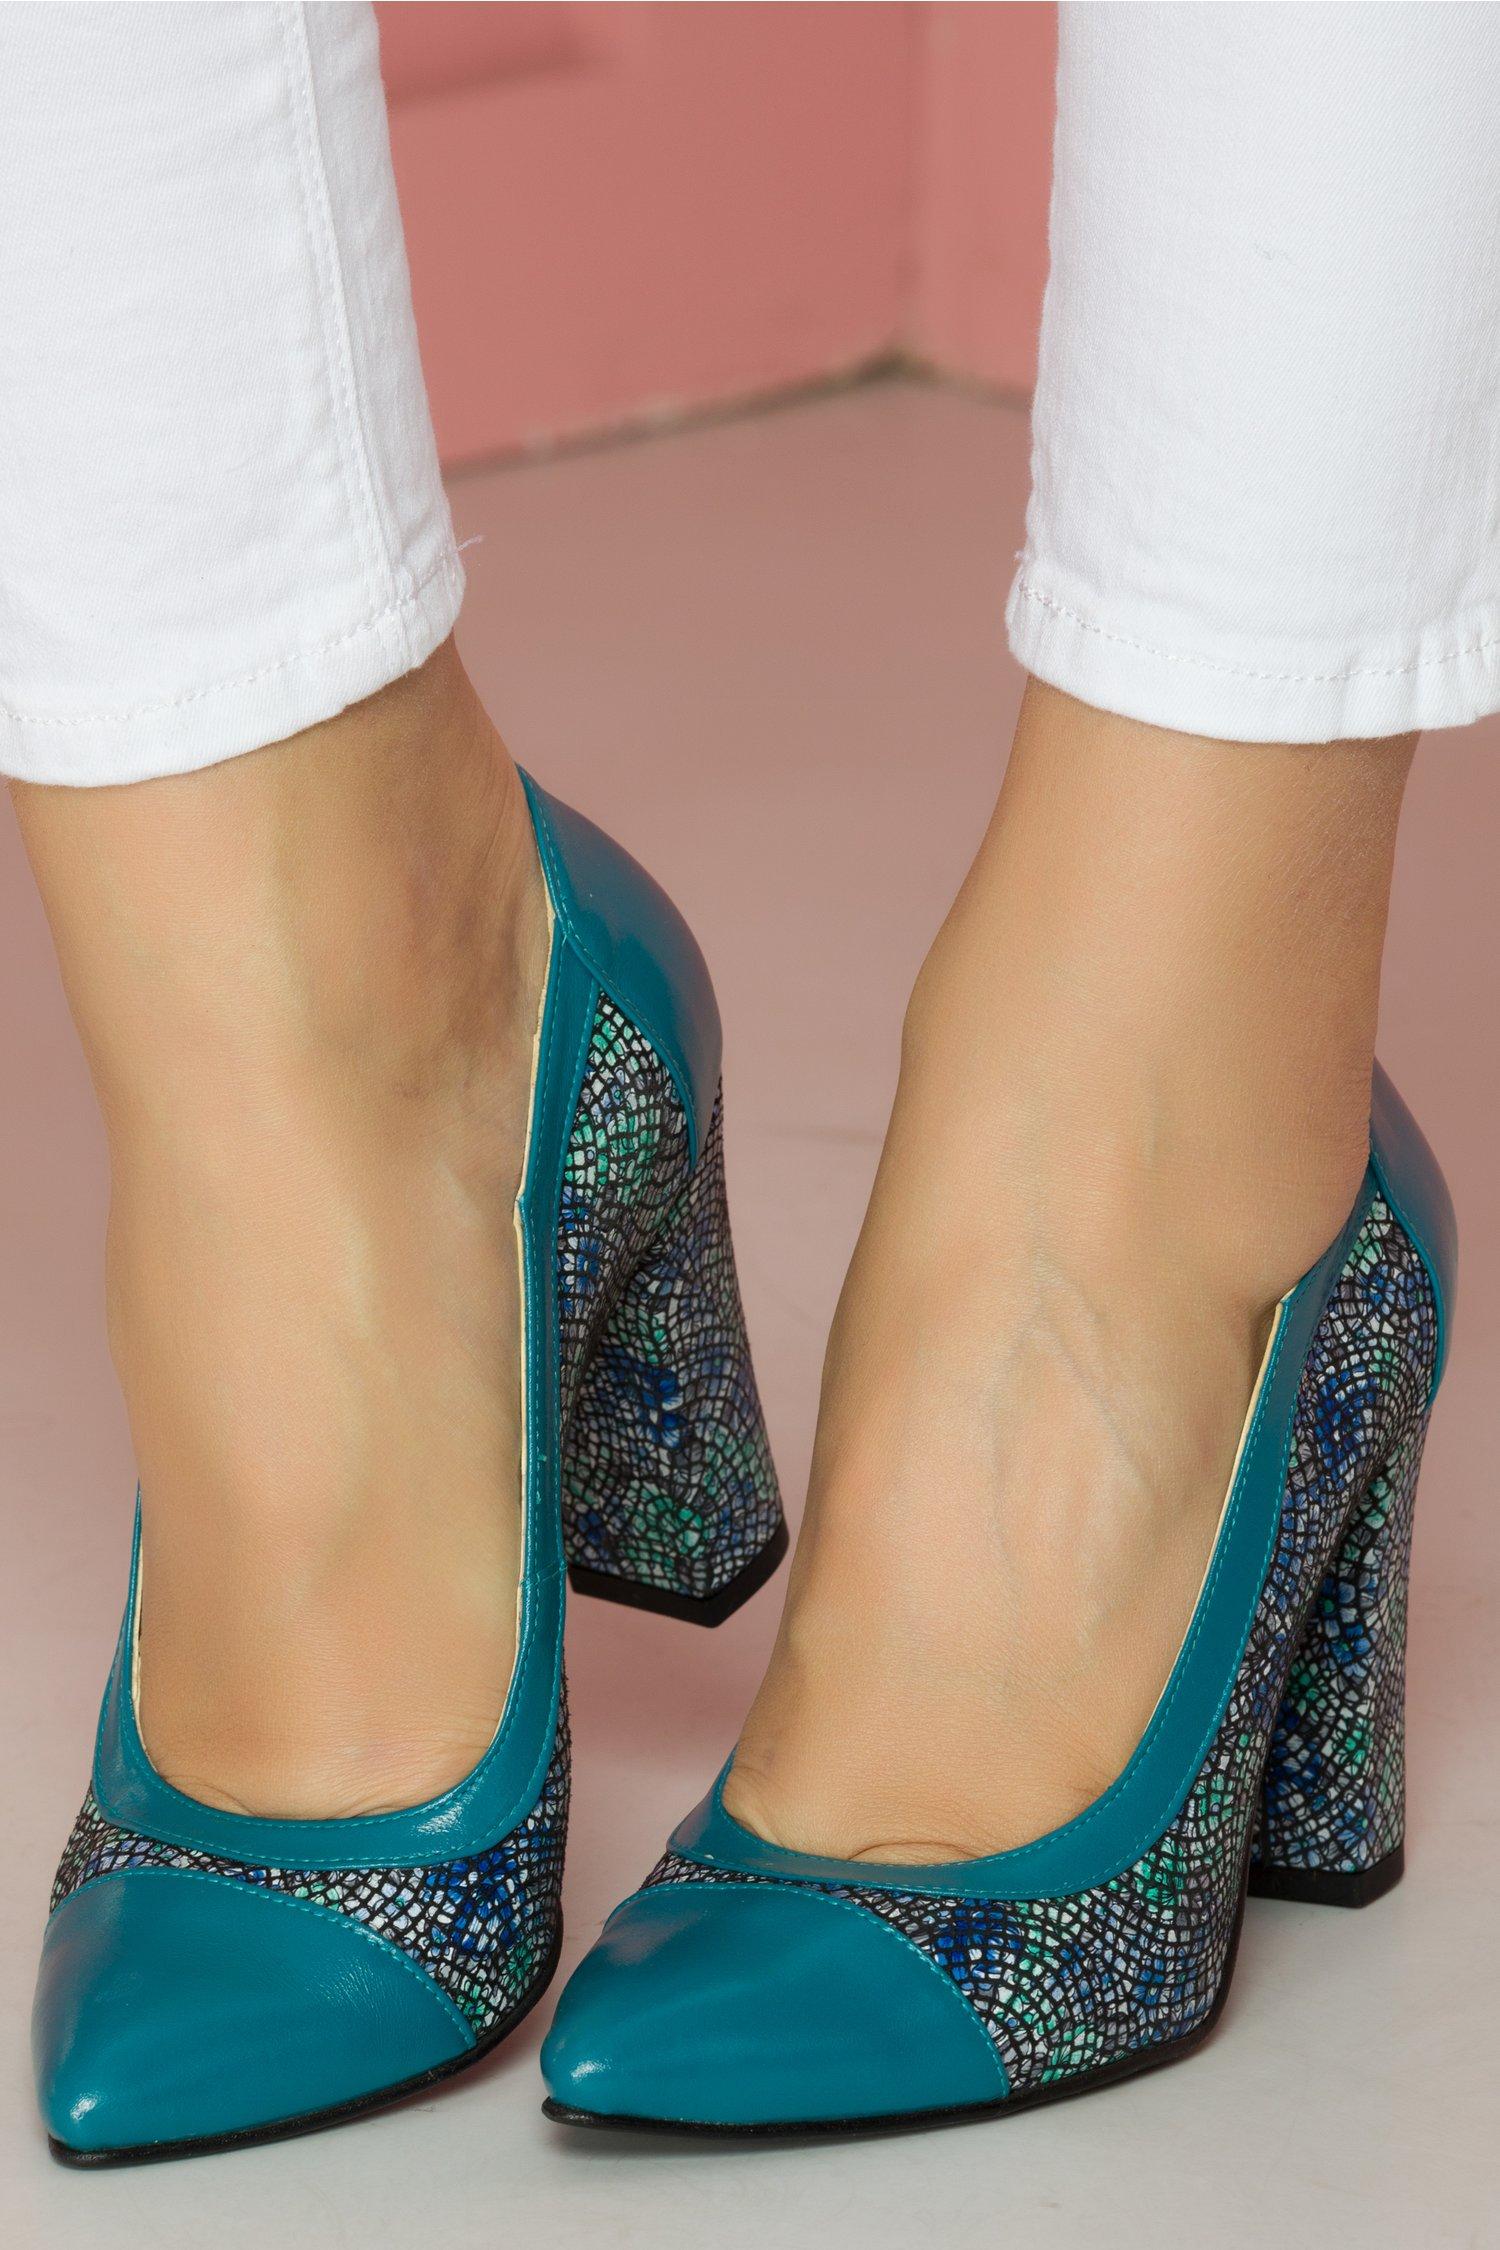 Pantofi turcoaz cu imprimeu floral cu varf ascutit